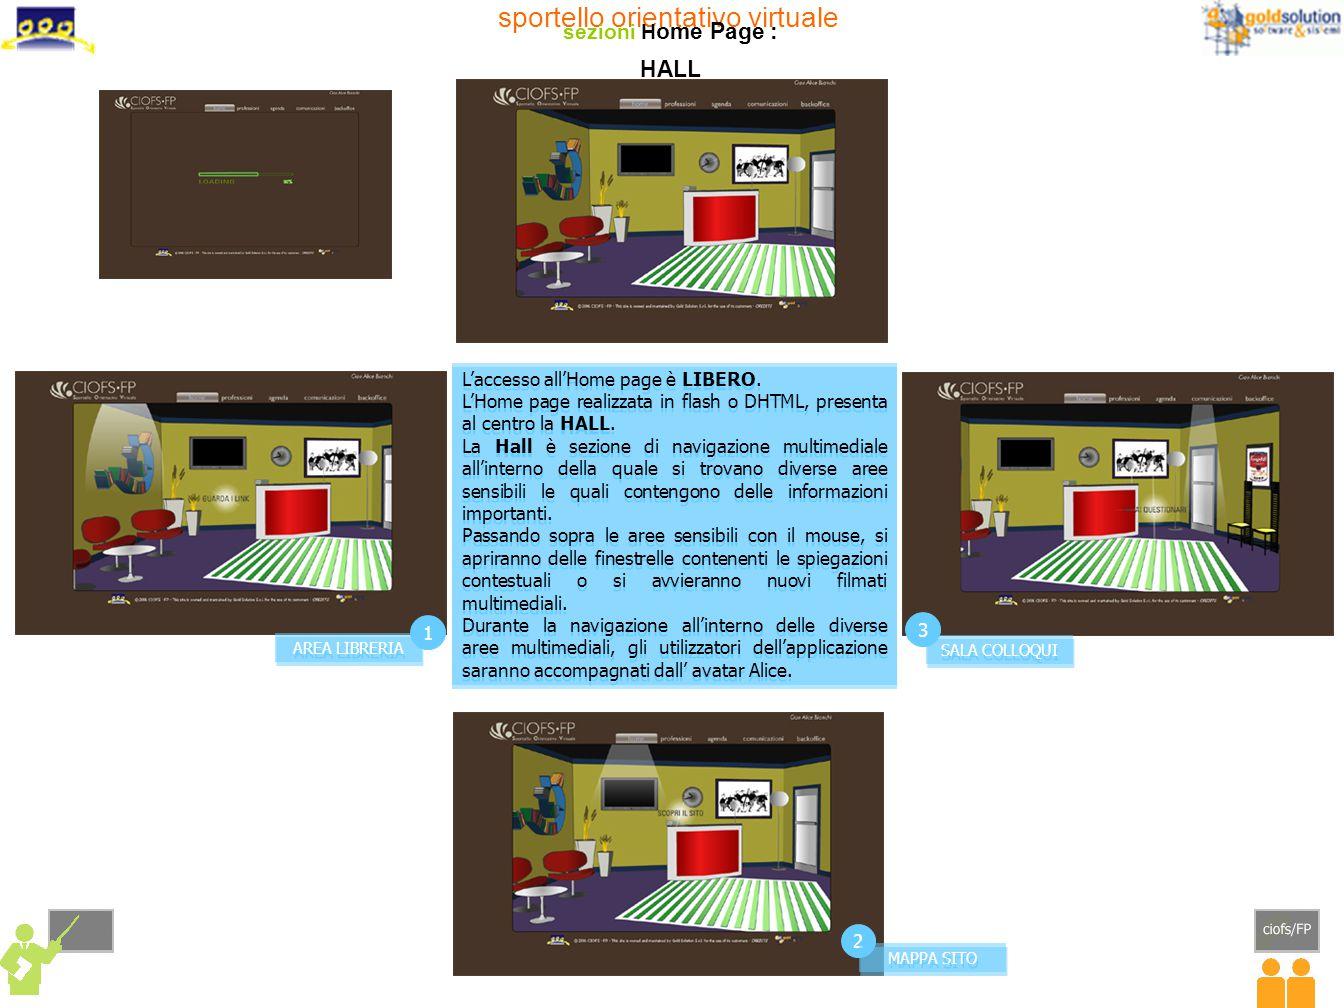 sportello orientativo virtuale sezioni H ome Page : HALL L'accesso all'Home page è LIBERO.